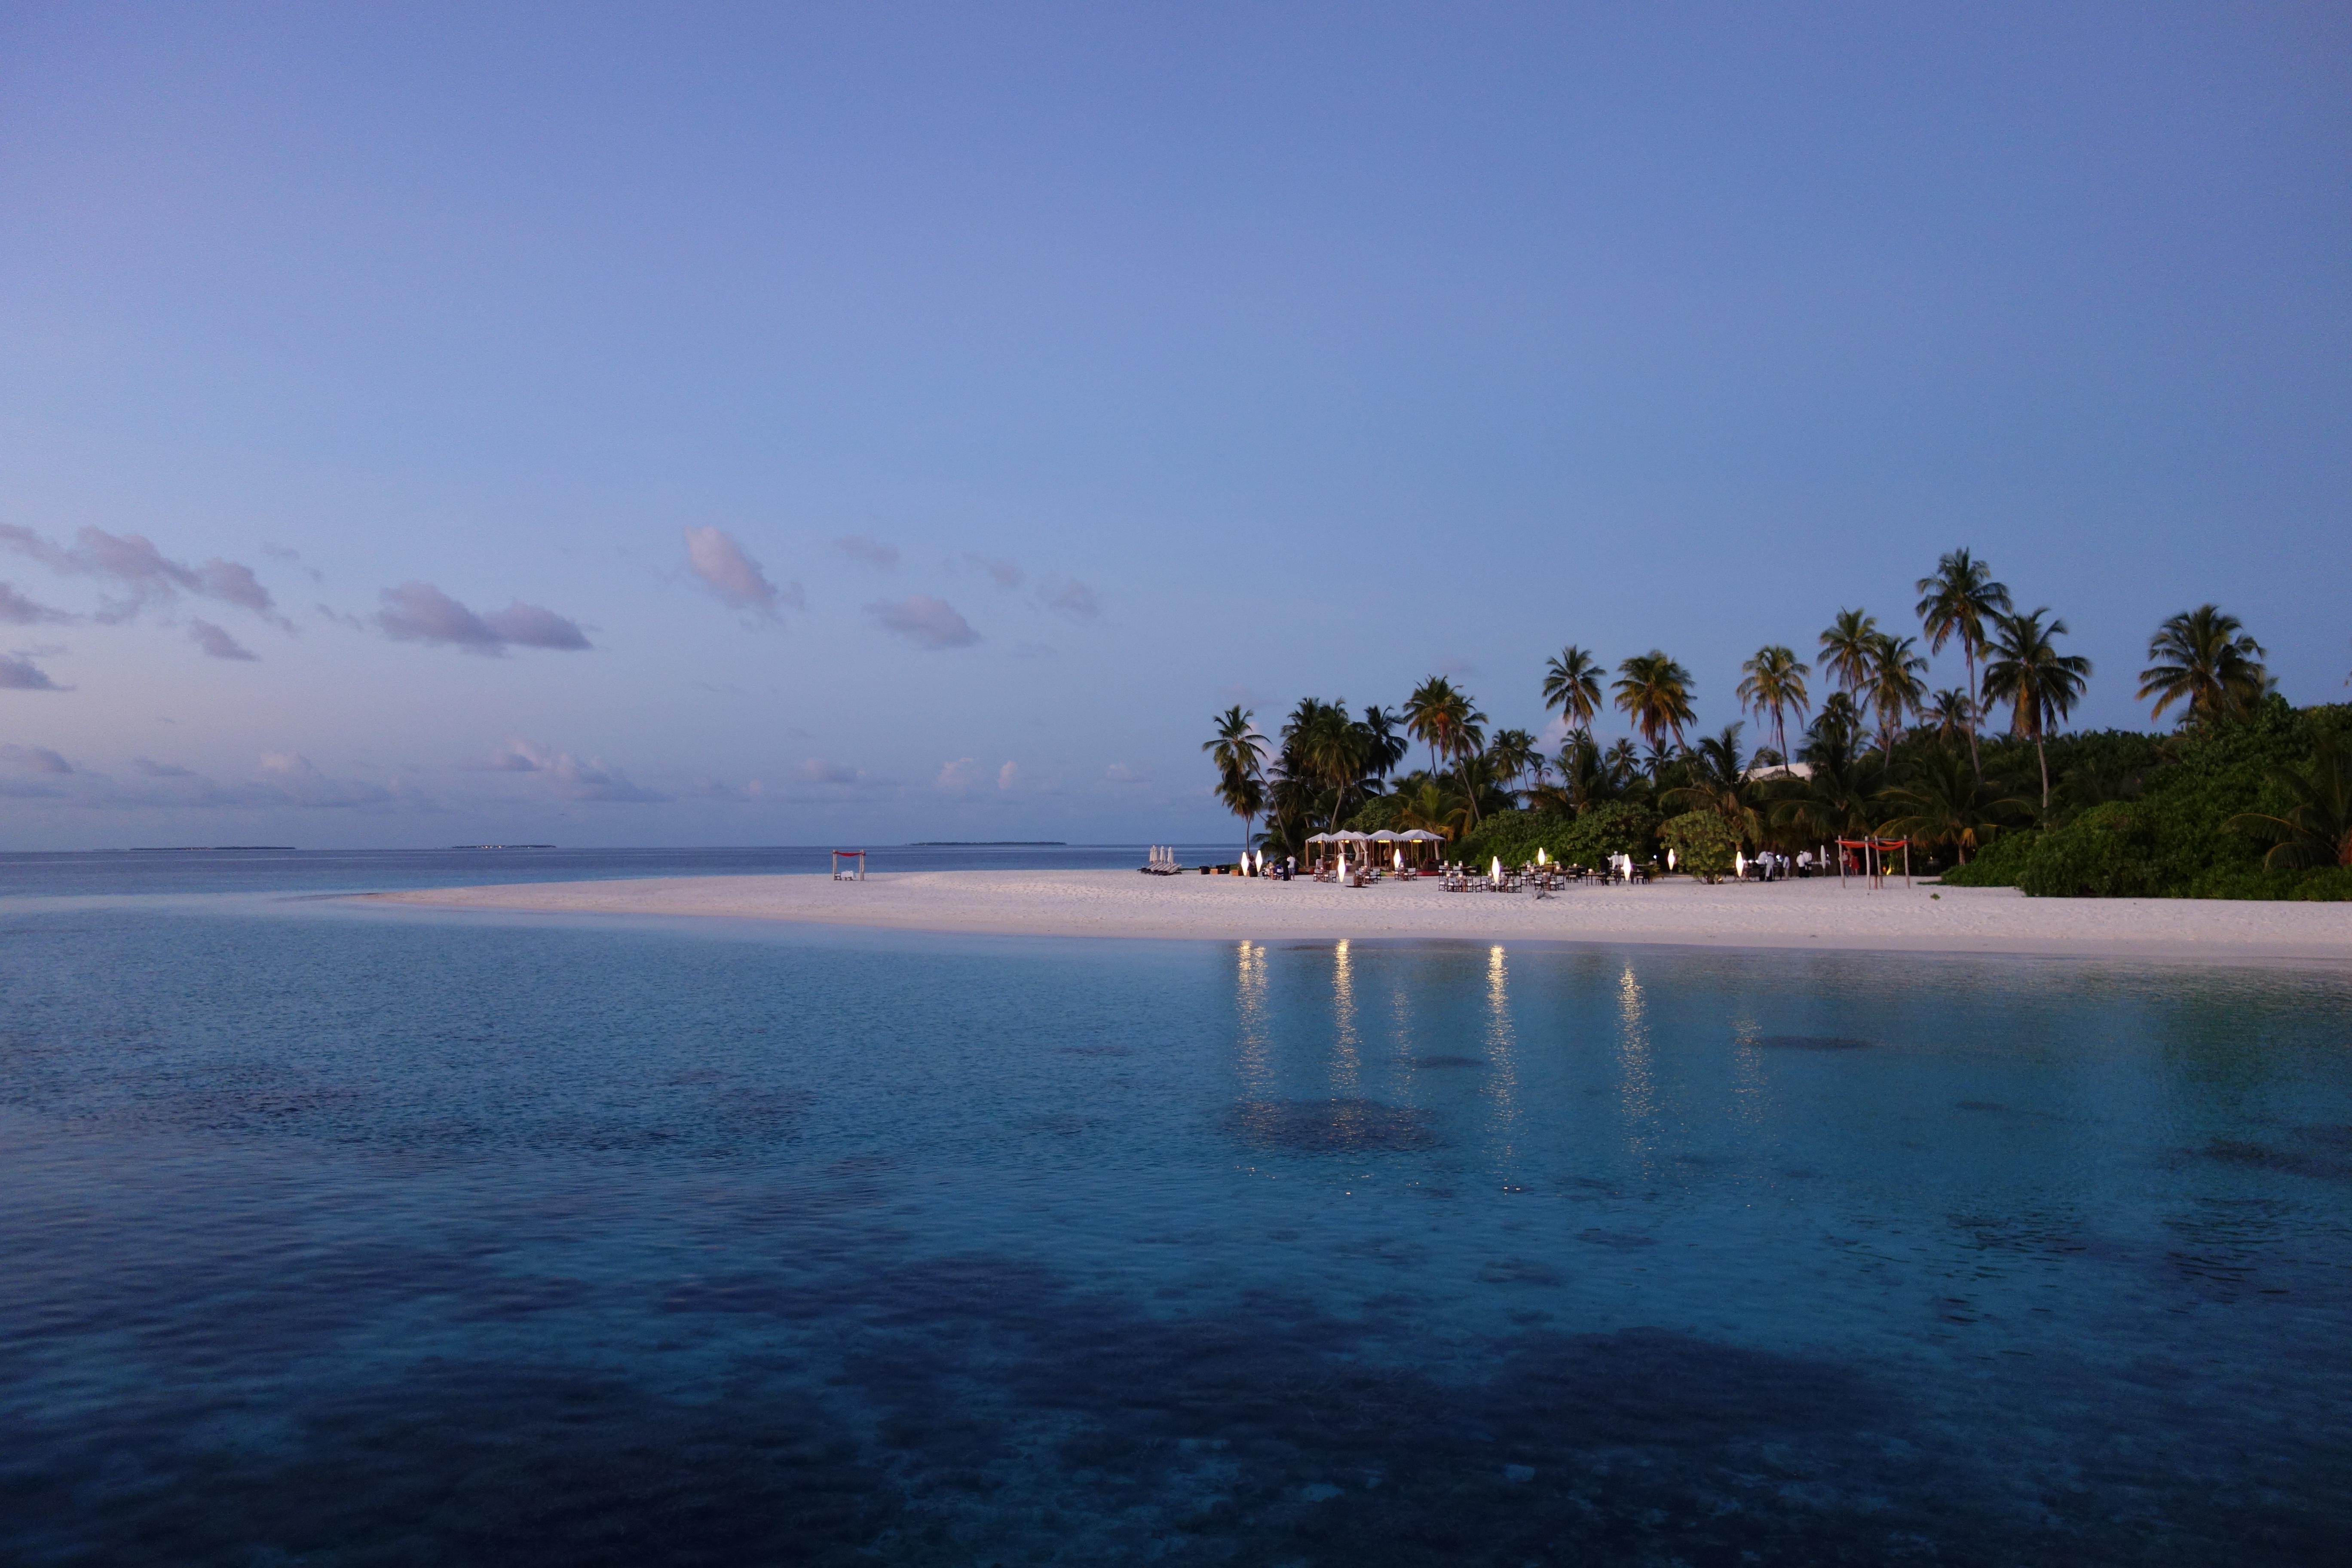 68846 免費下載壁紙 性质, 马尔代夫, 热带, 热带地区, 海滩, 晚上, 棕榈 屏保和圖片